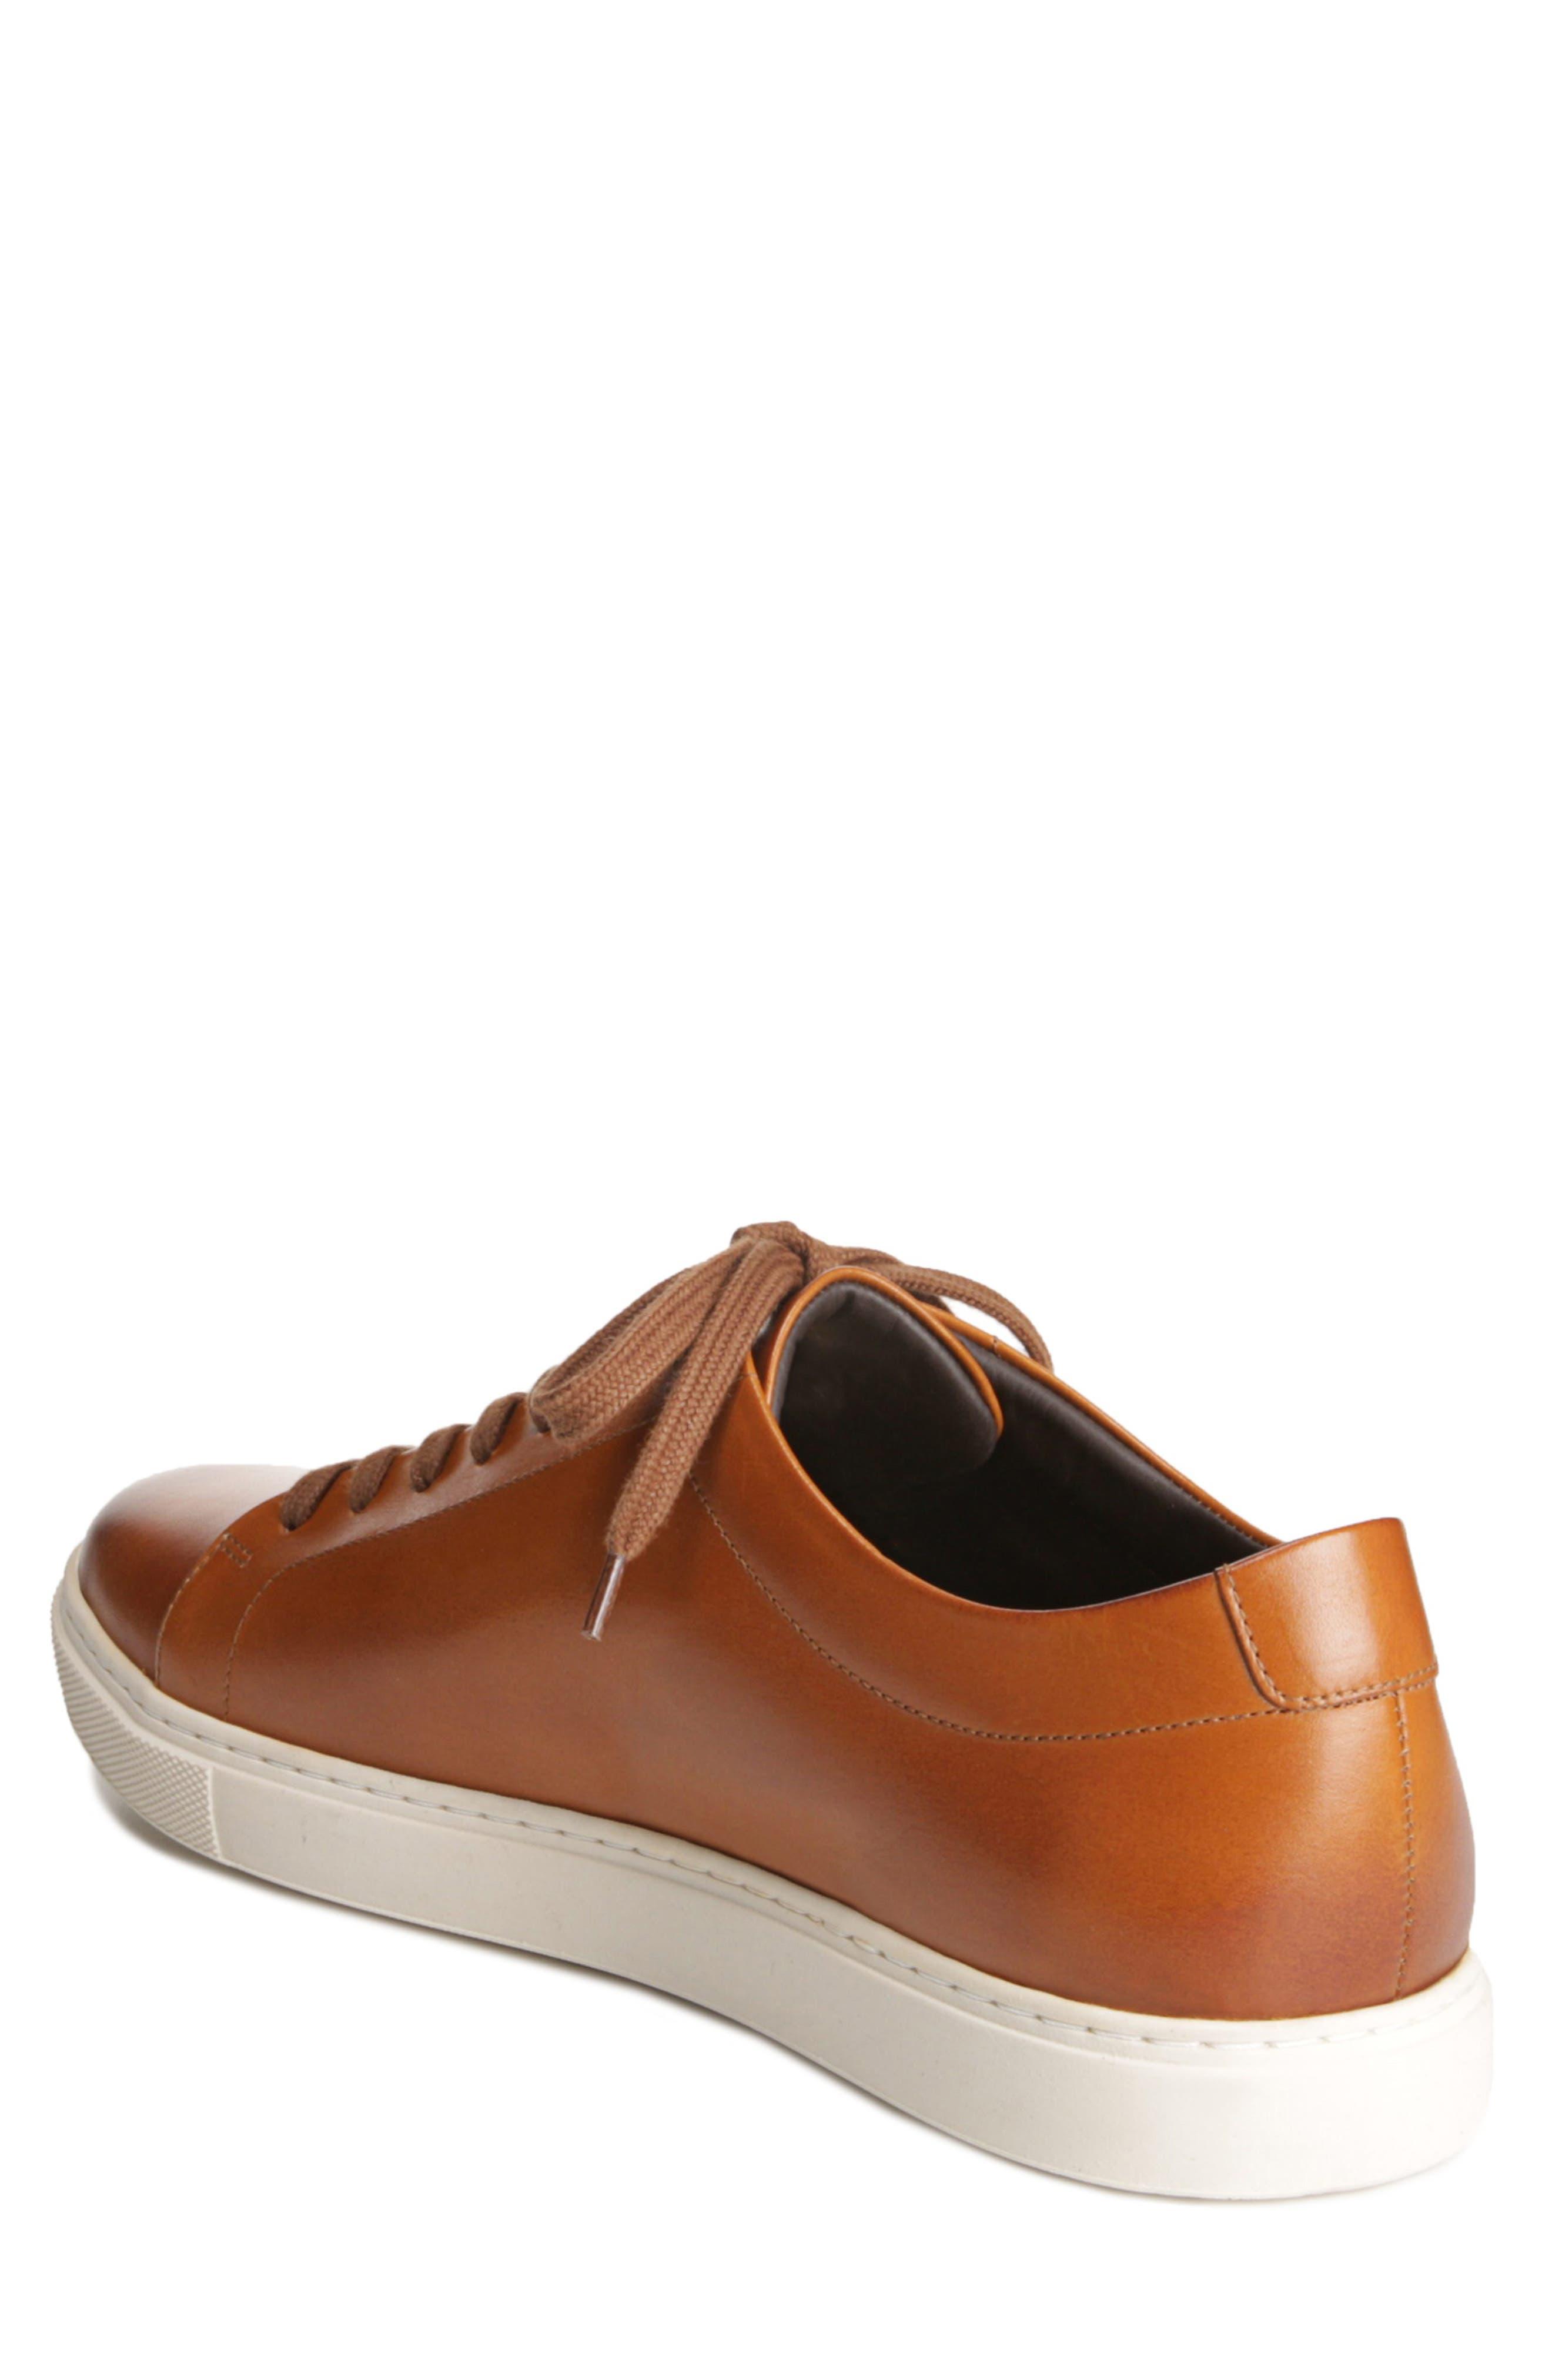 ALLEN EDMONDS, Canal Court Sneaker, Alternate thumbnail 2, color, 212